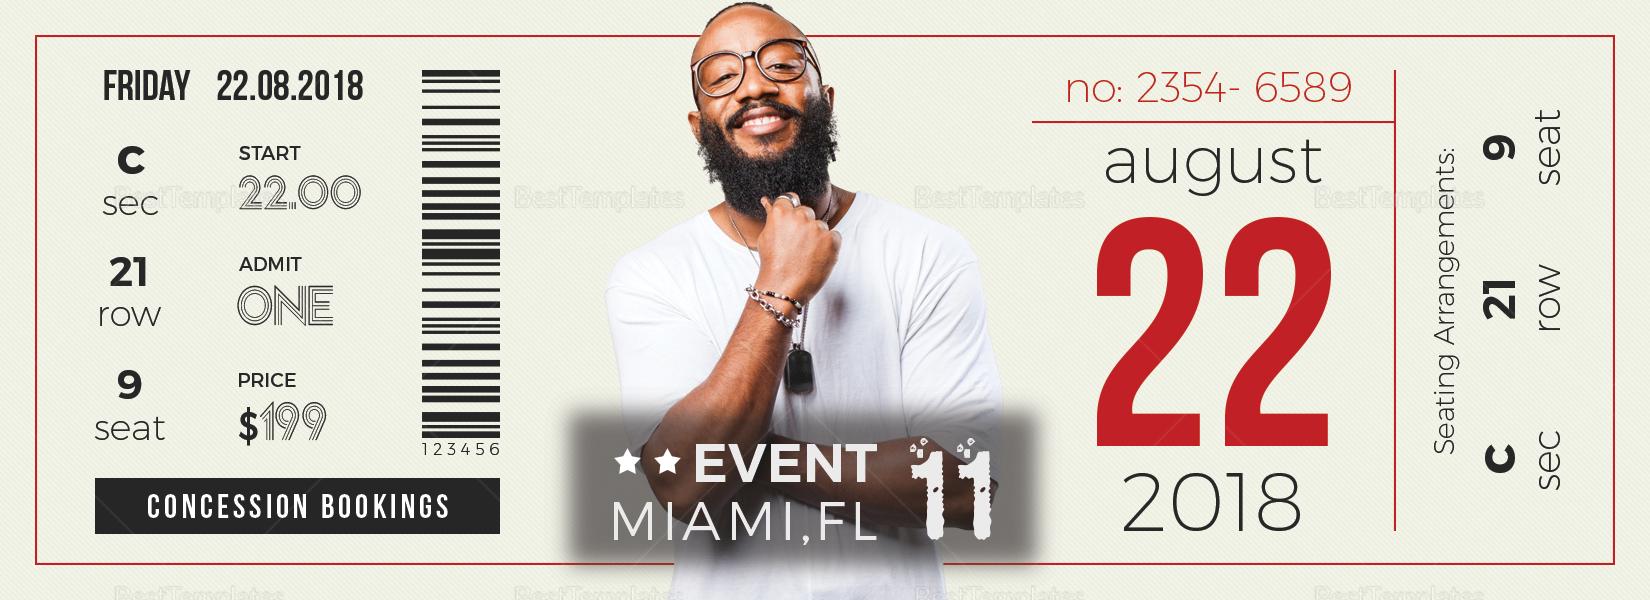 Unique Event Ticket Design Template